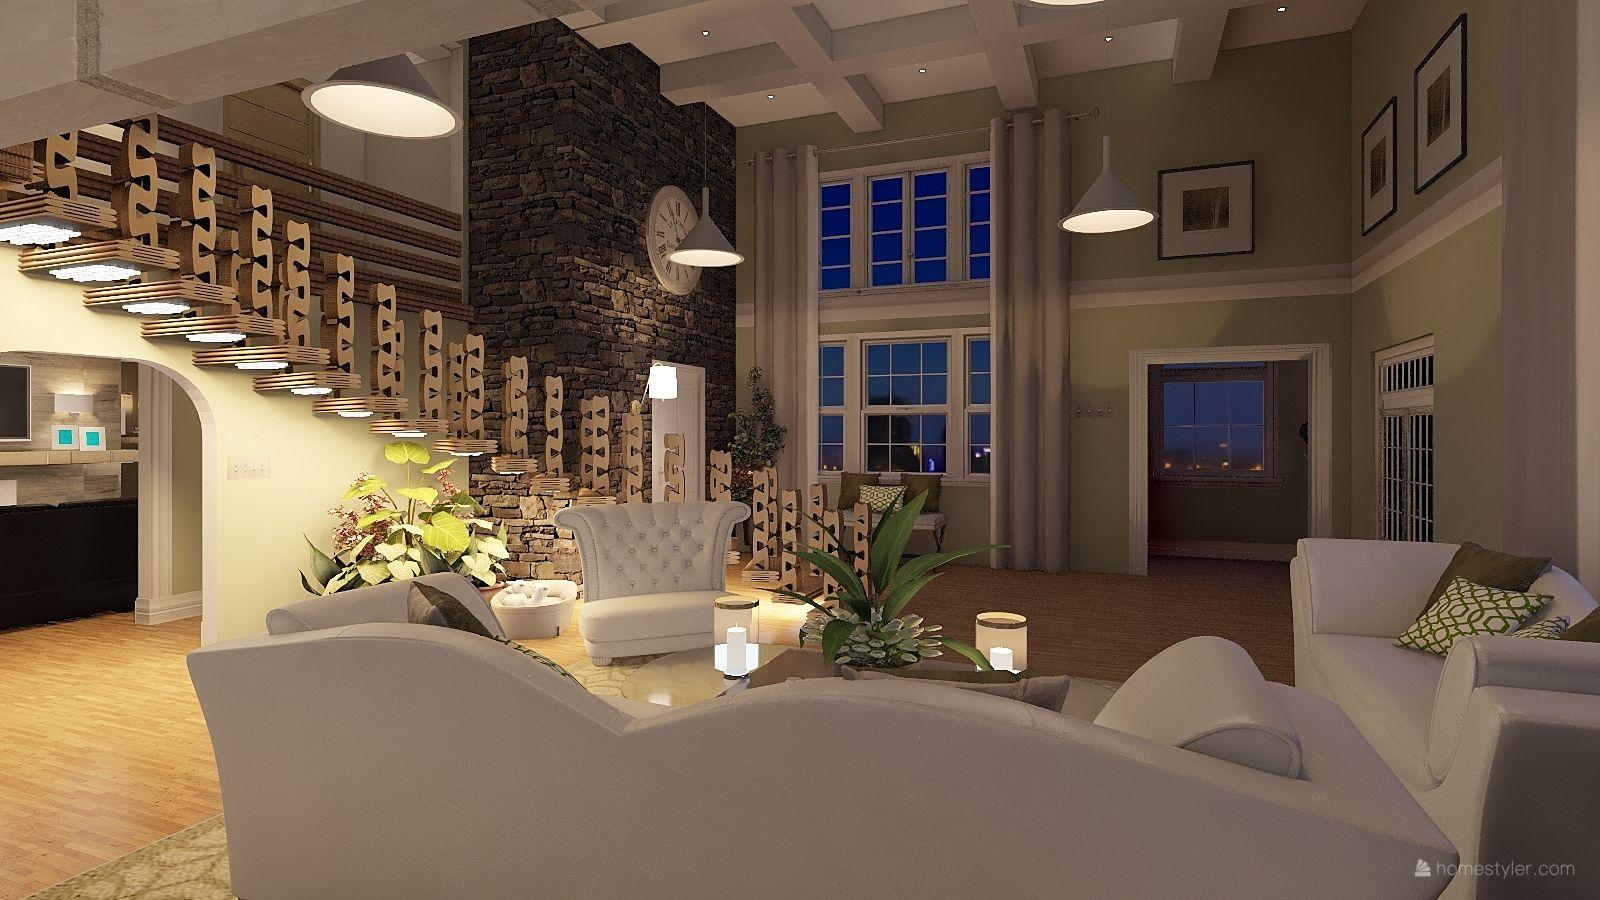 Living Room Design By Teke Tin Tekes Interiordesign Livingroom